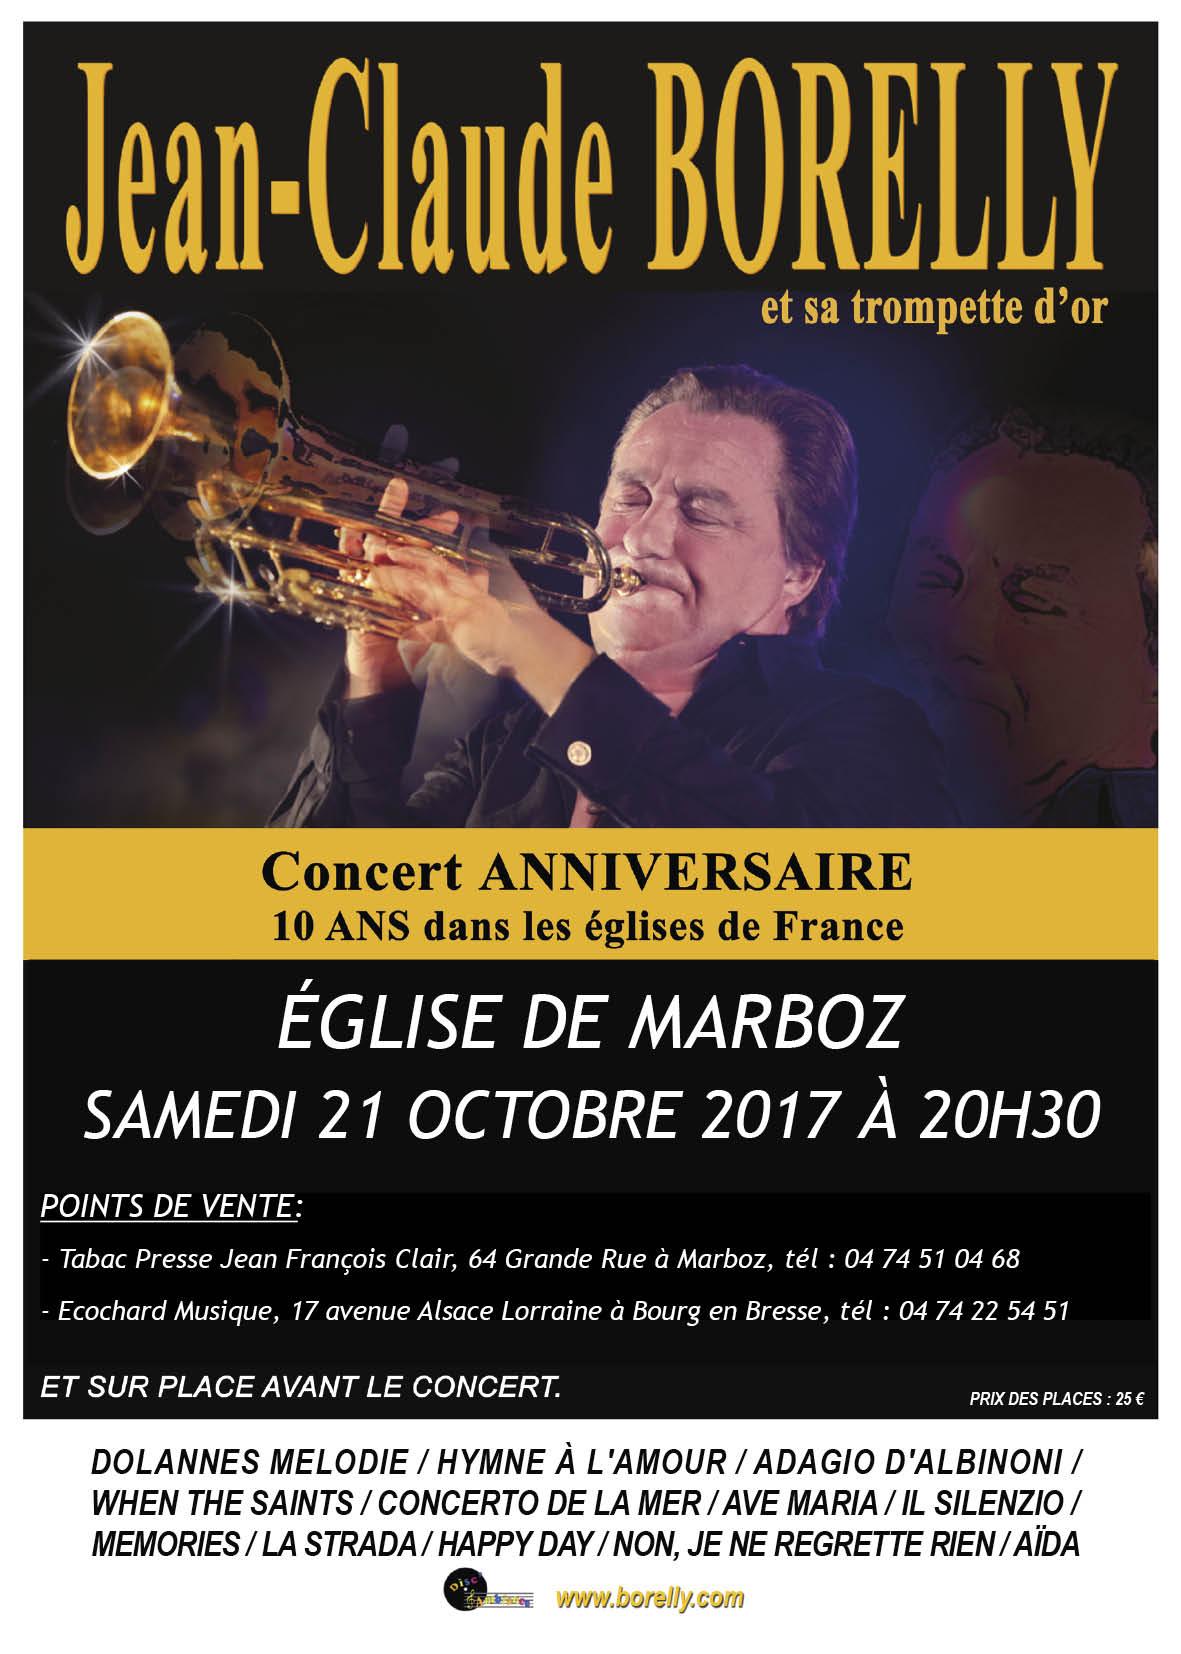 Concert à l'église de Marboz à 20 heures 30, le samedi 21 octobre